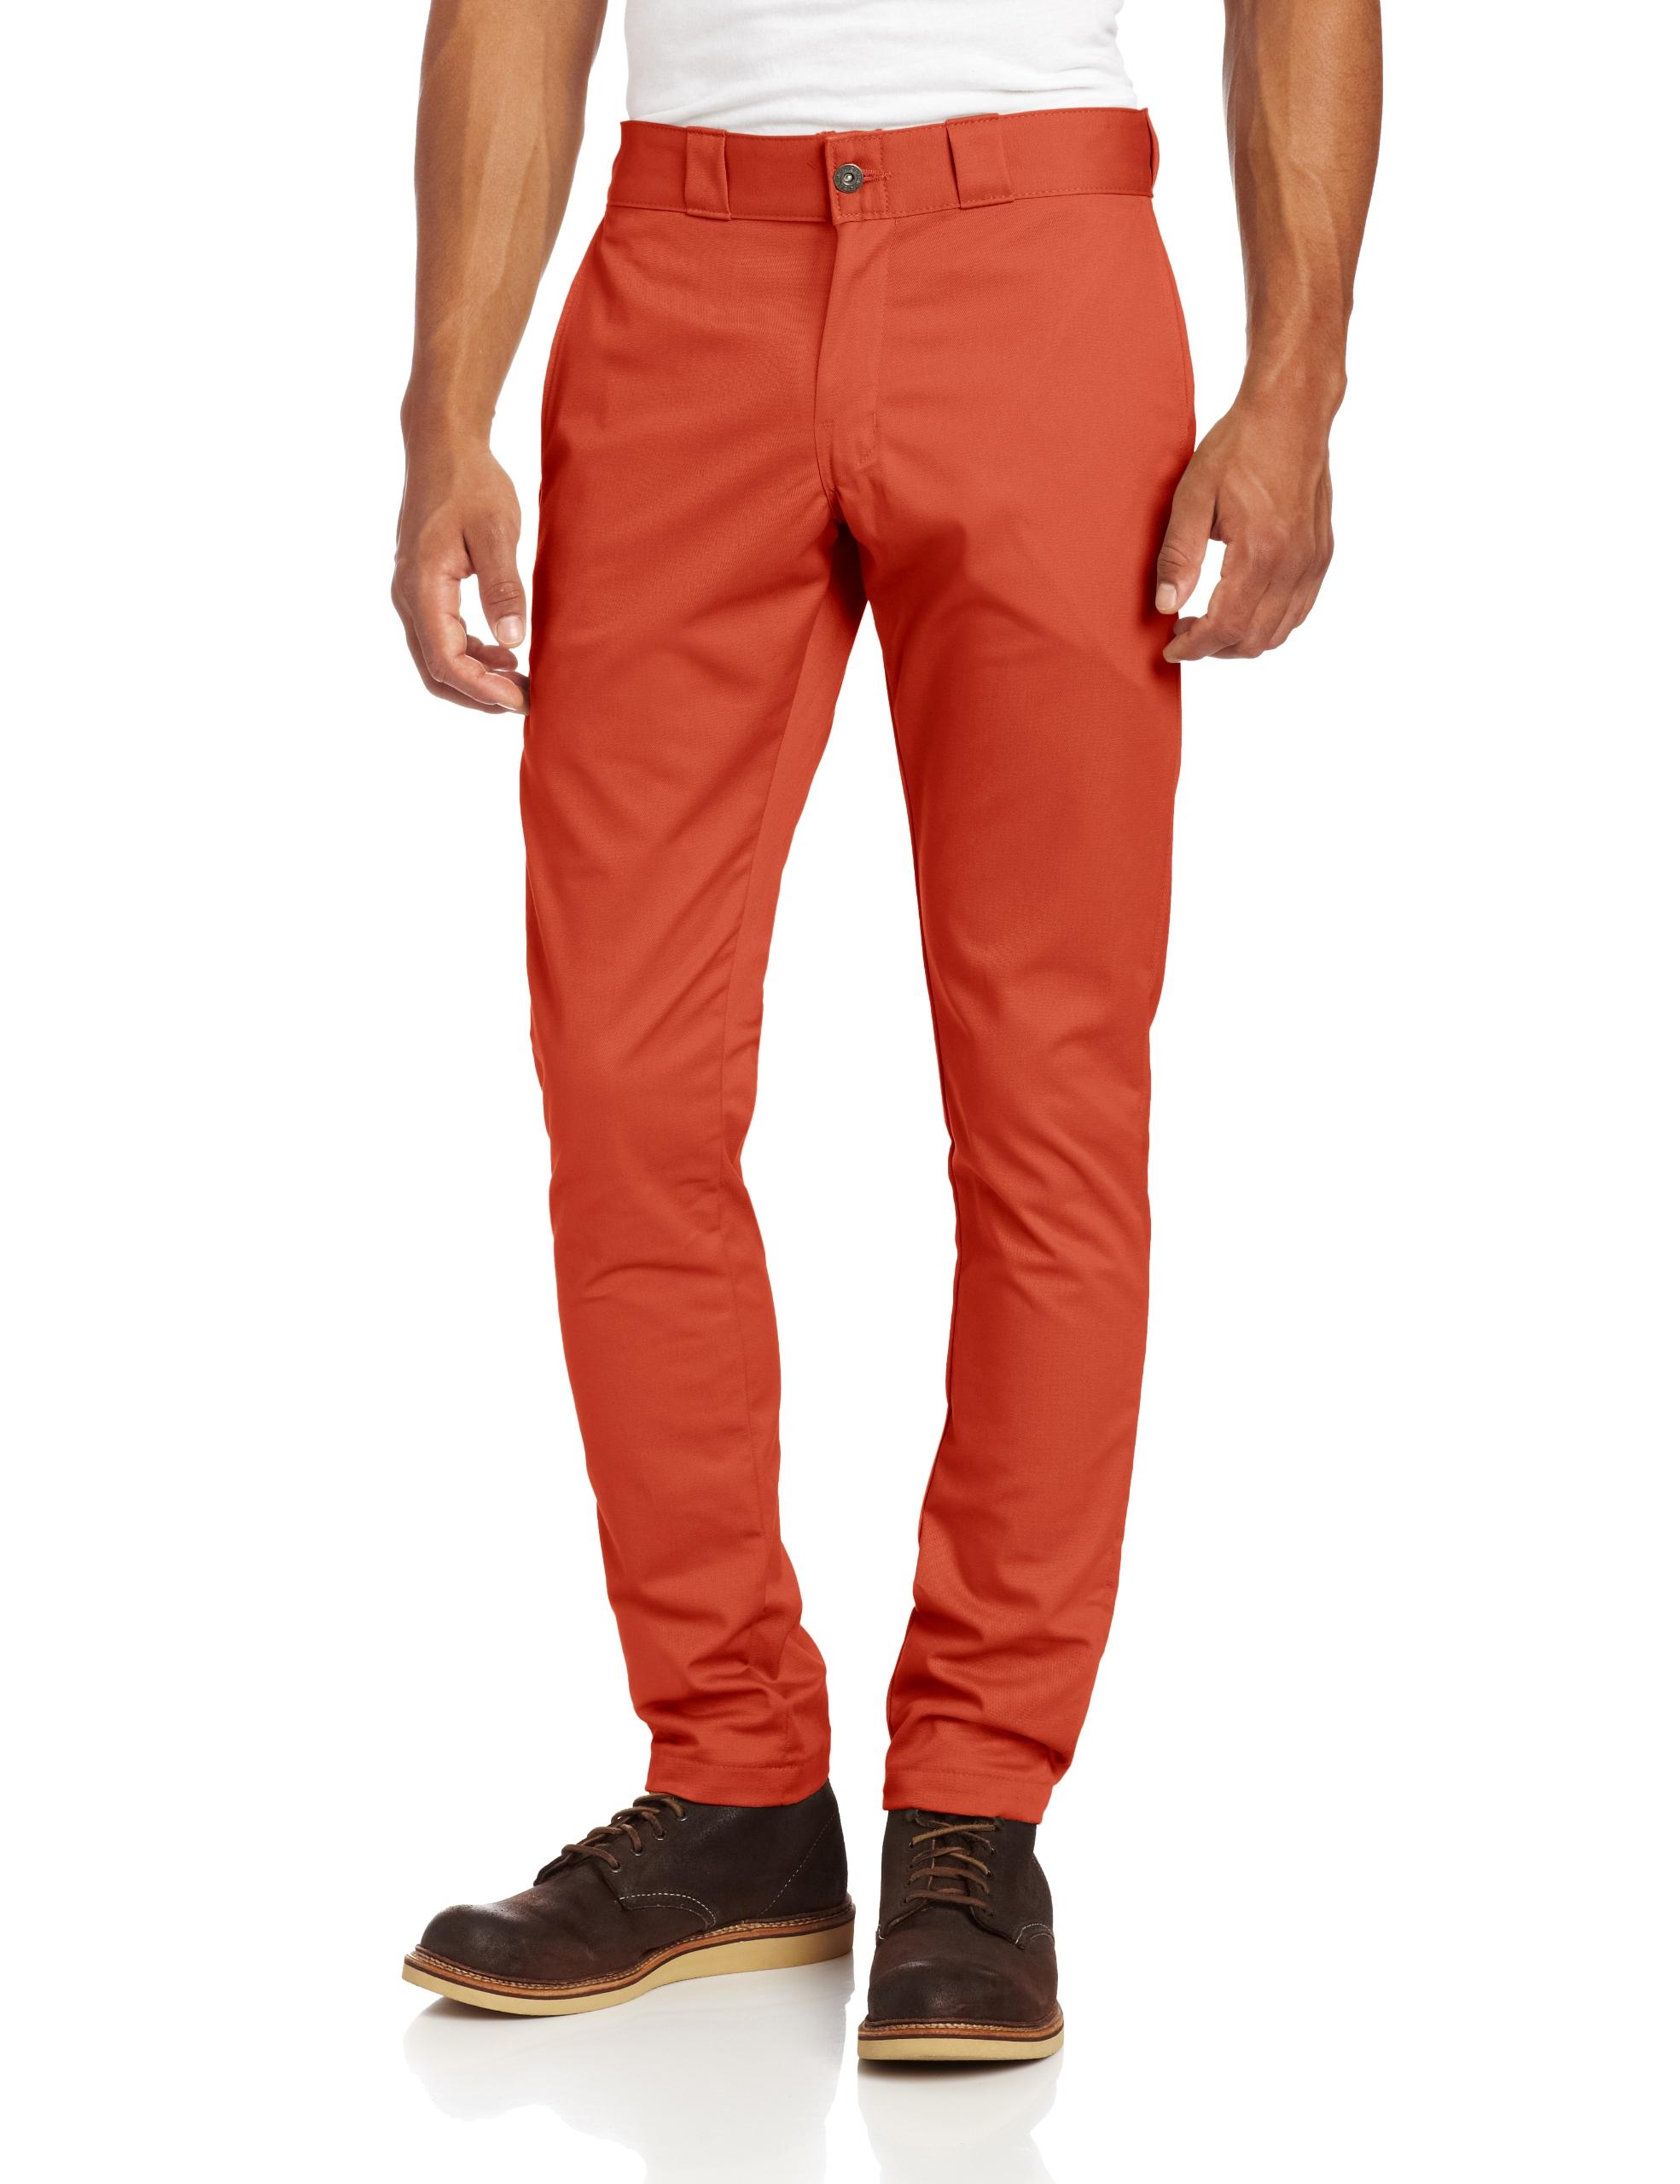 Dickies Men's Skinny Straight Fit Work Pant, Rustic Brick, 30x32